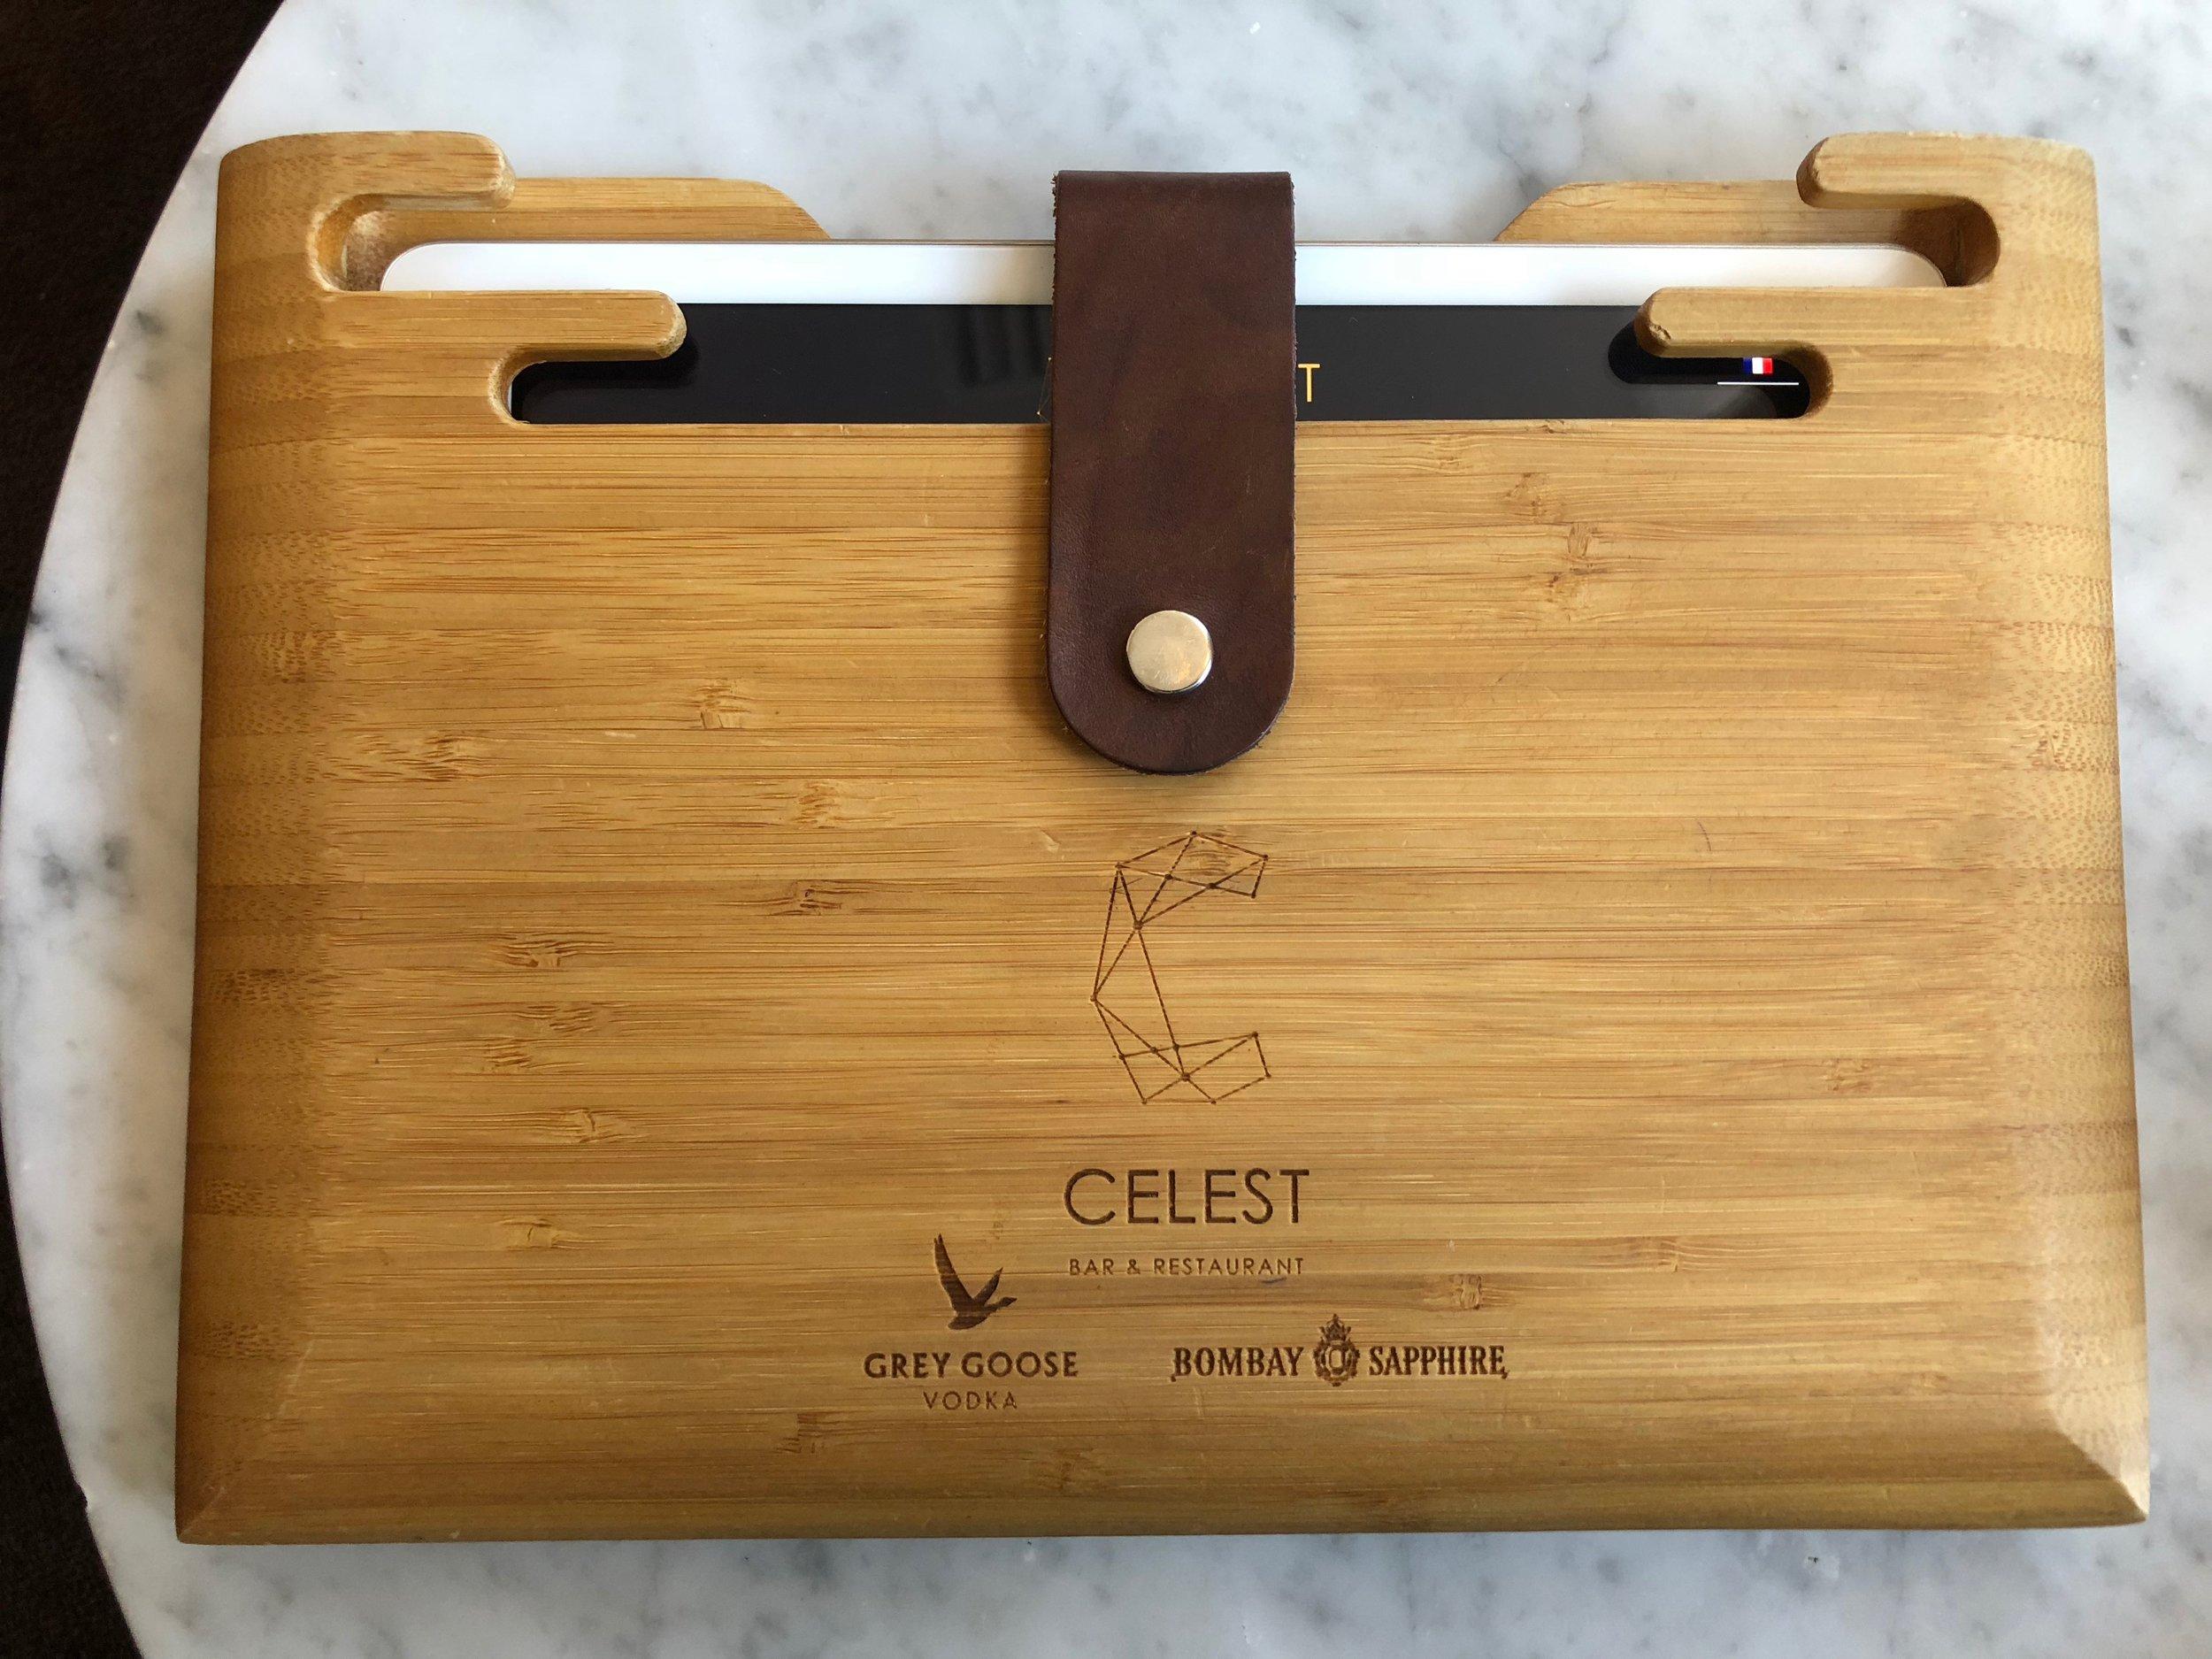 Menus sur tablettes tactiles socle de sécurité en bois.jpg